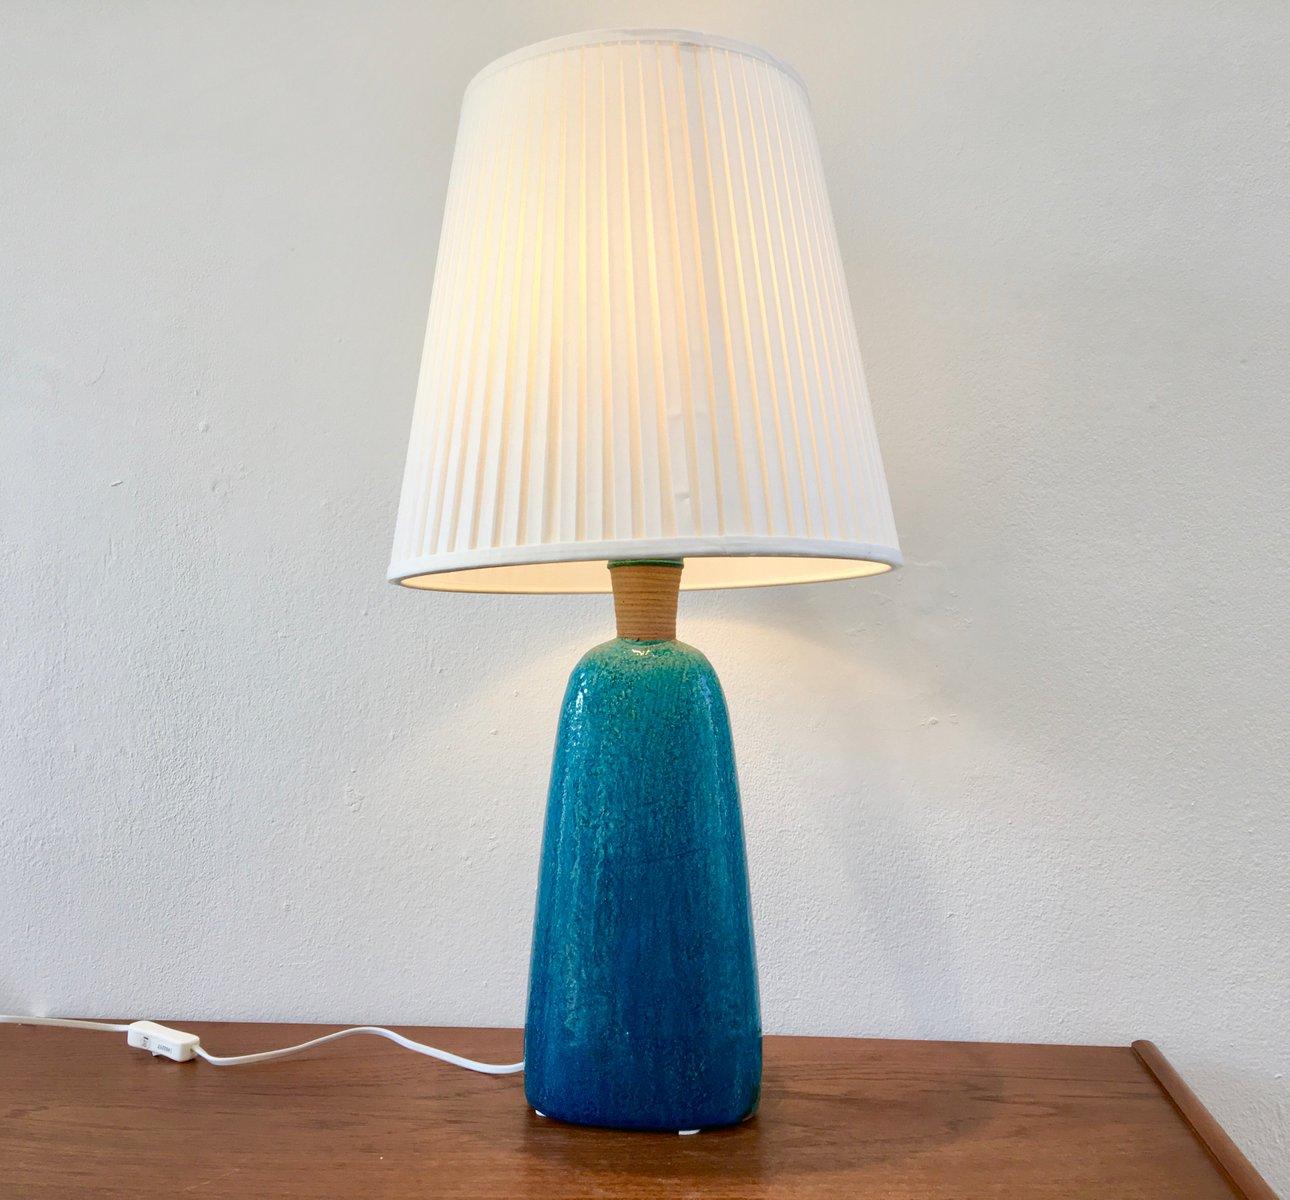 Türkise Mid-Century Tischlampe von Nils Kähler, 1950er